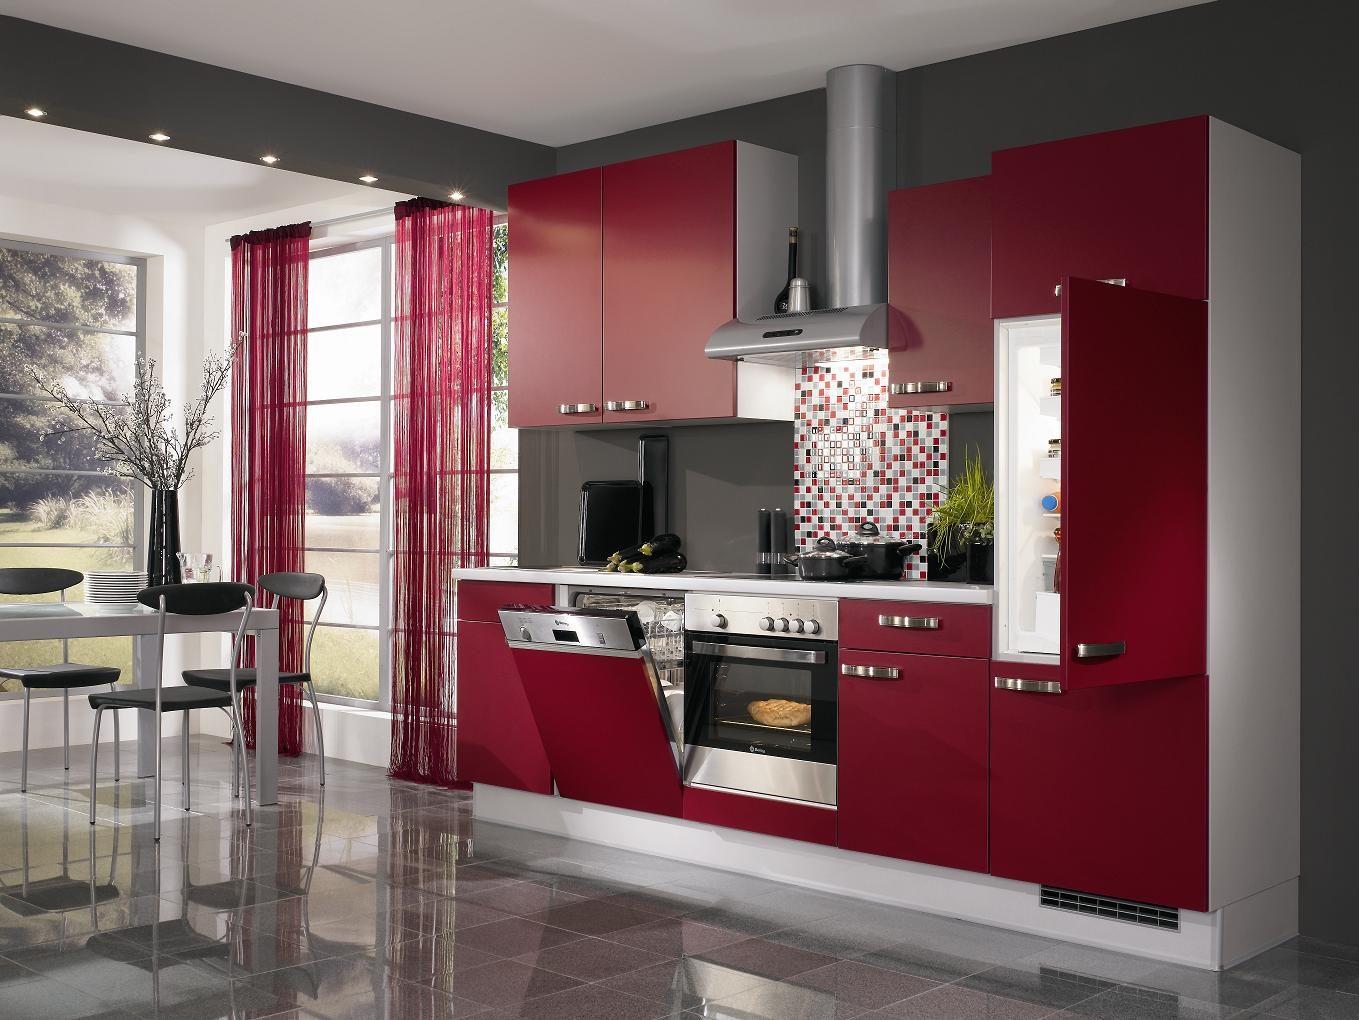 Cocina De Color Rojo Imagenes Y Fotos - Cocinas-en-rojo